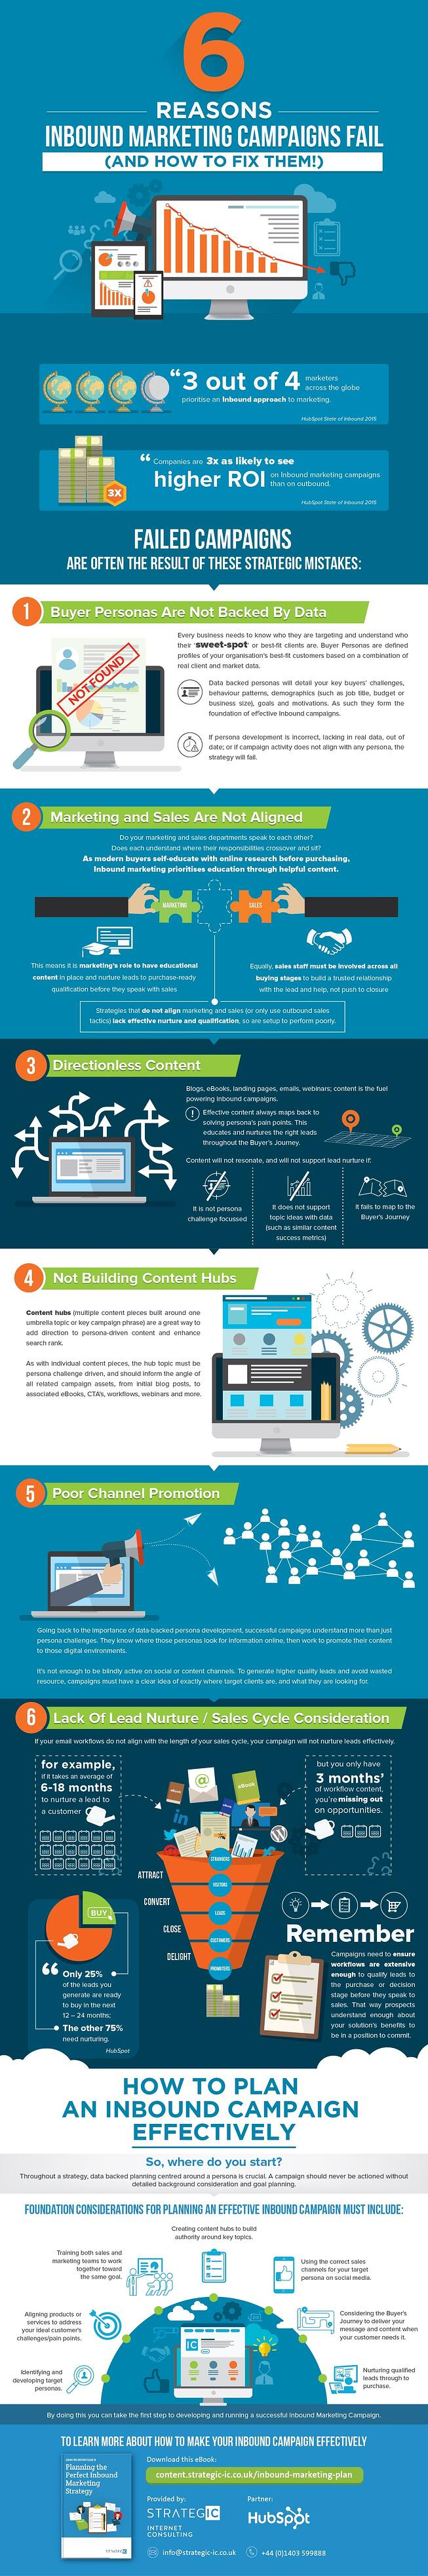 infographic-inbound-marketing-mistakes.jpg